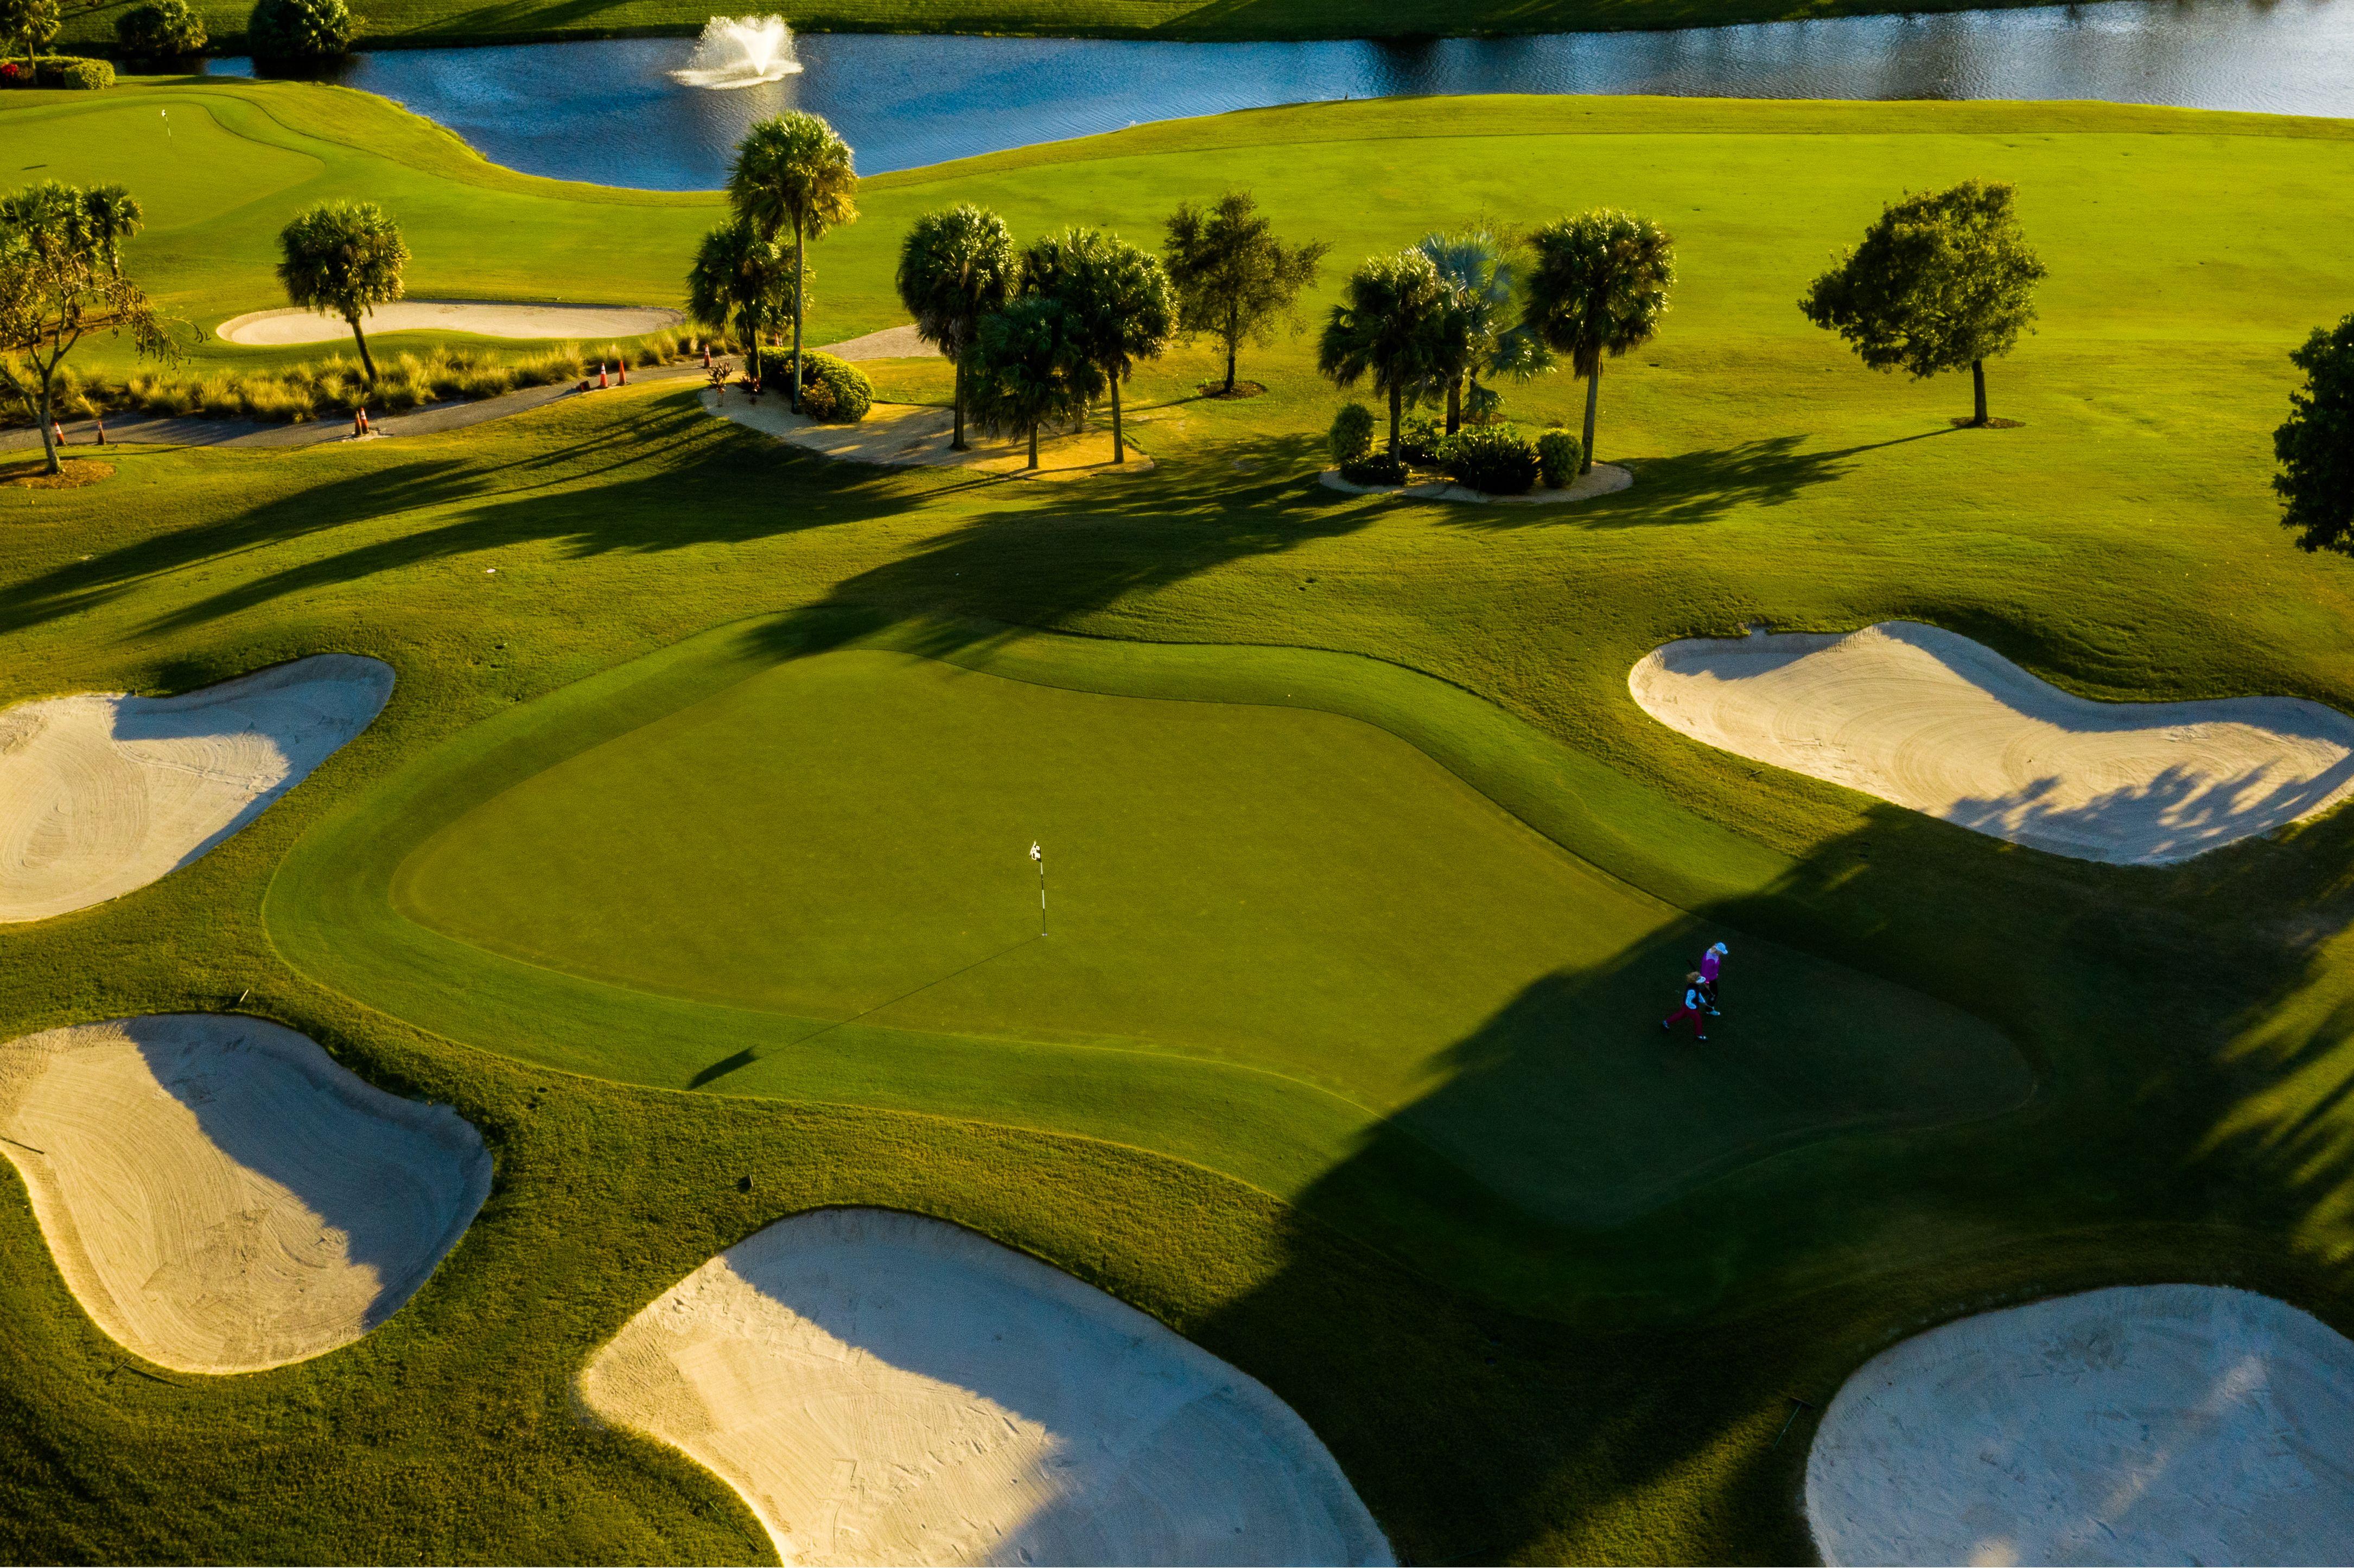 40+ Anglebrook golf club initiation fee ideas